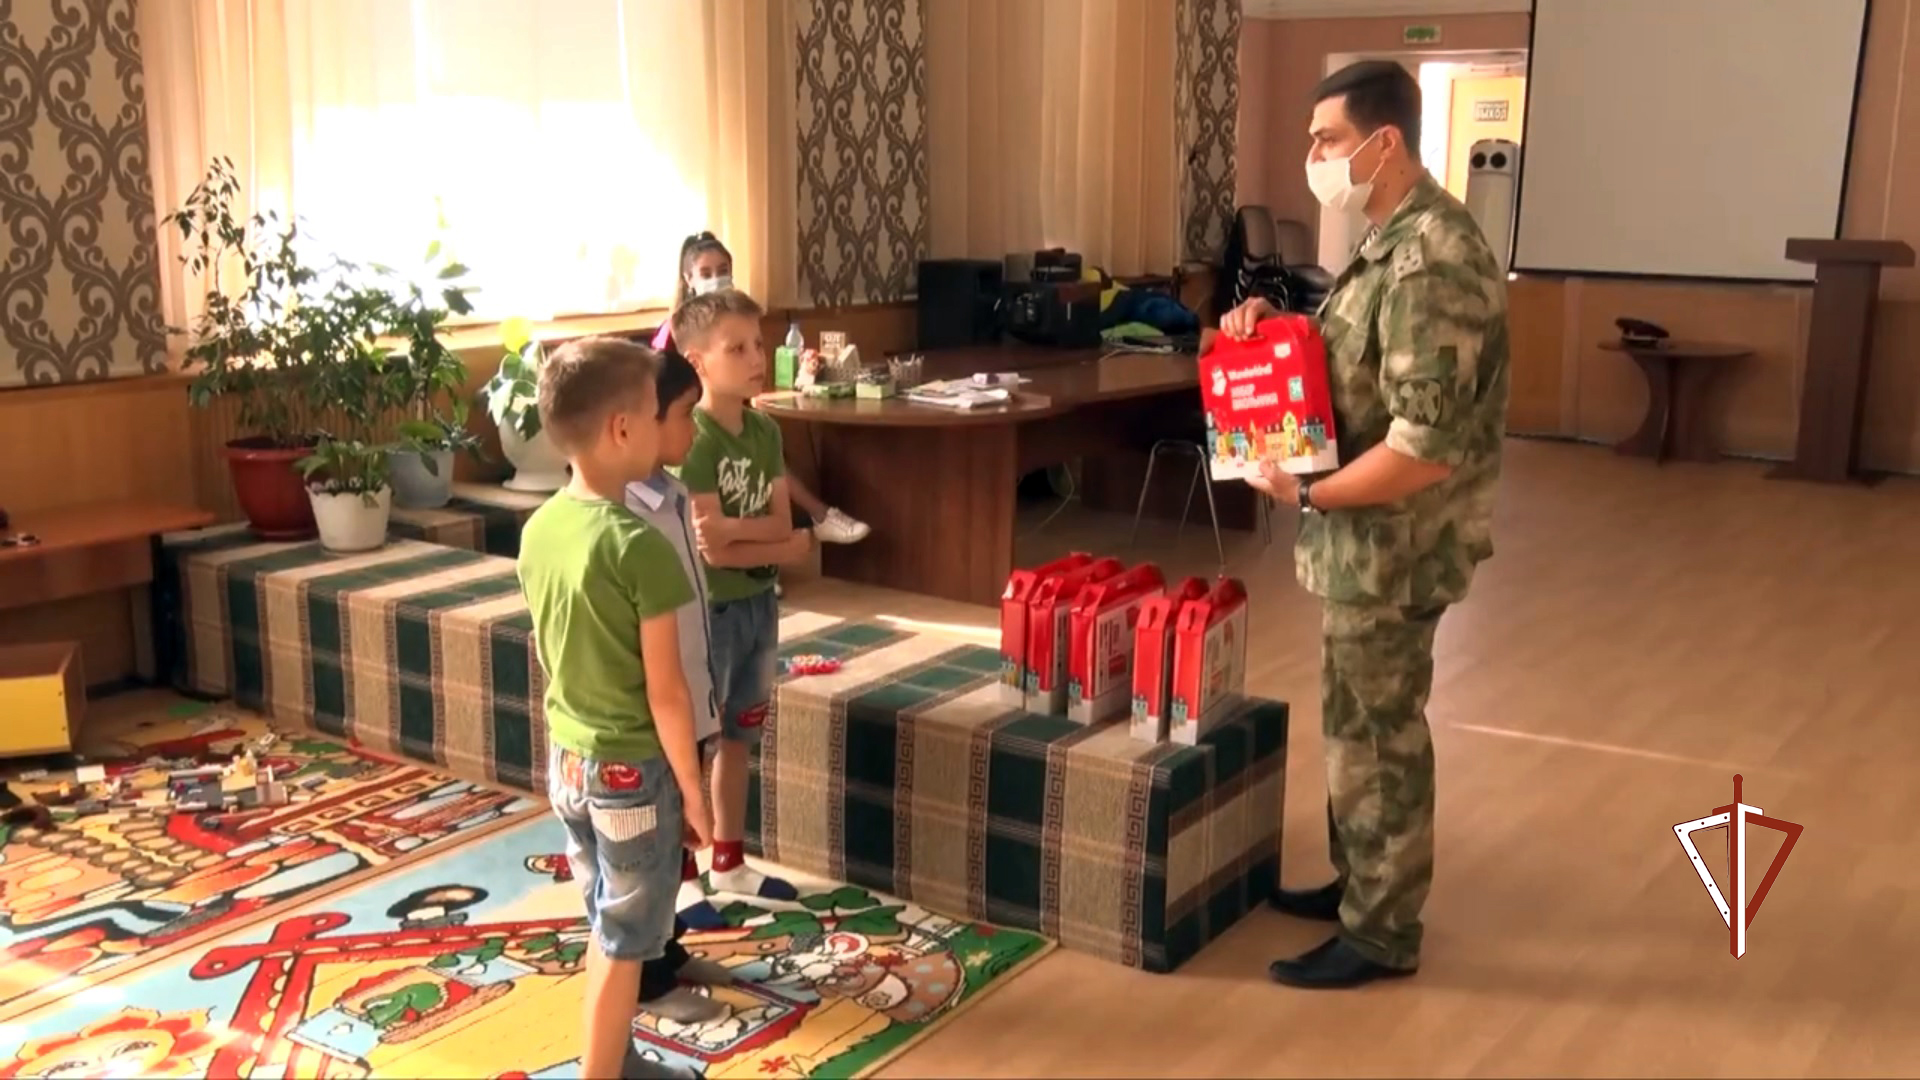 В Югре представители Росгвардии присоединились к благотворительной акции «Собери ребёнка в школу»